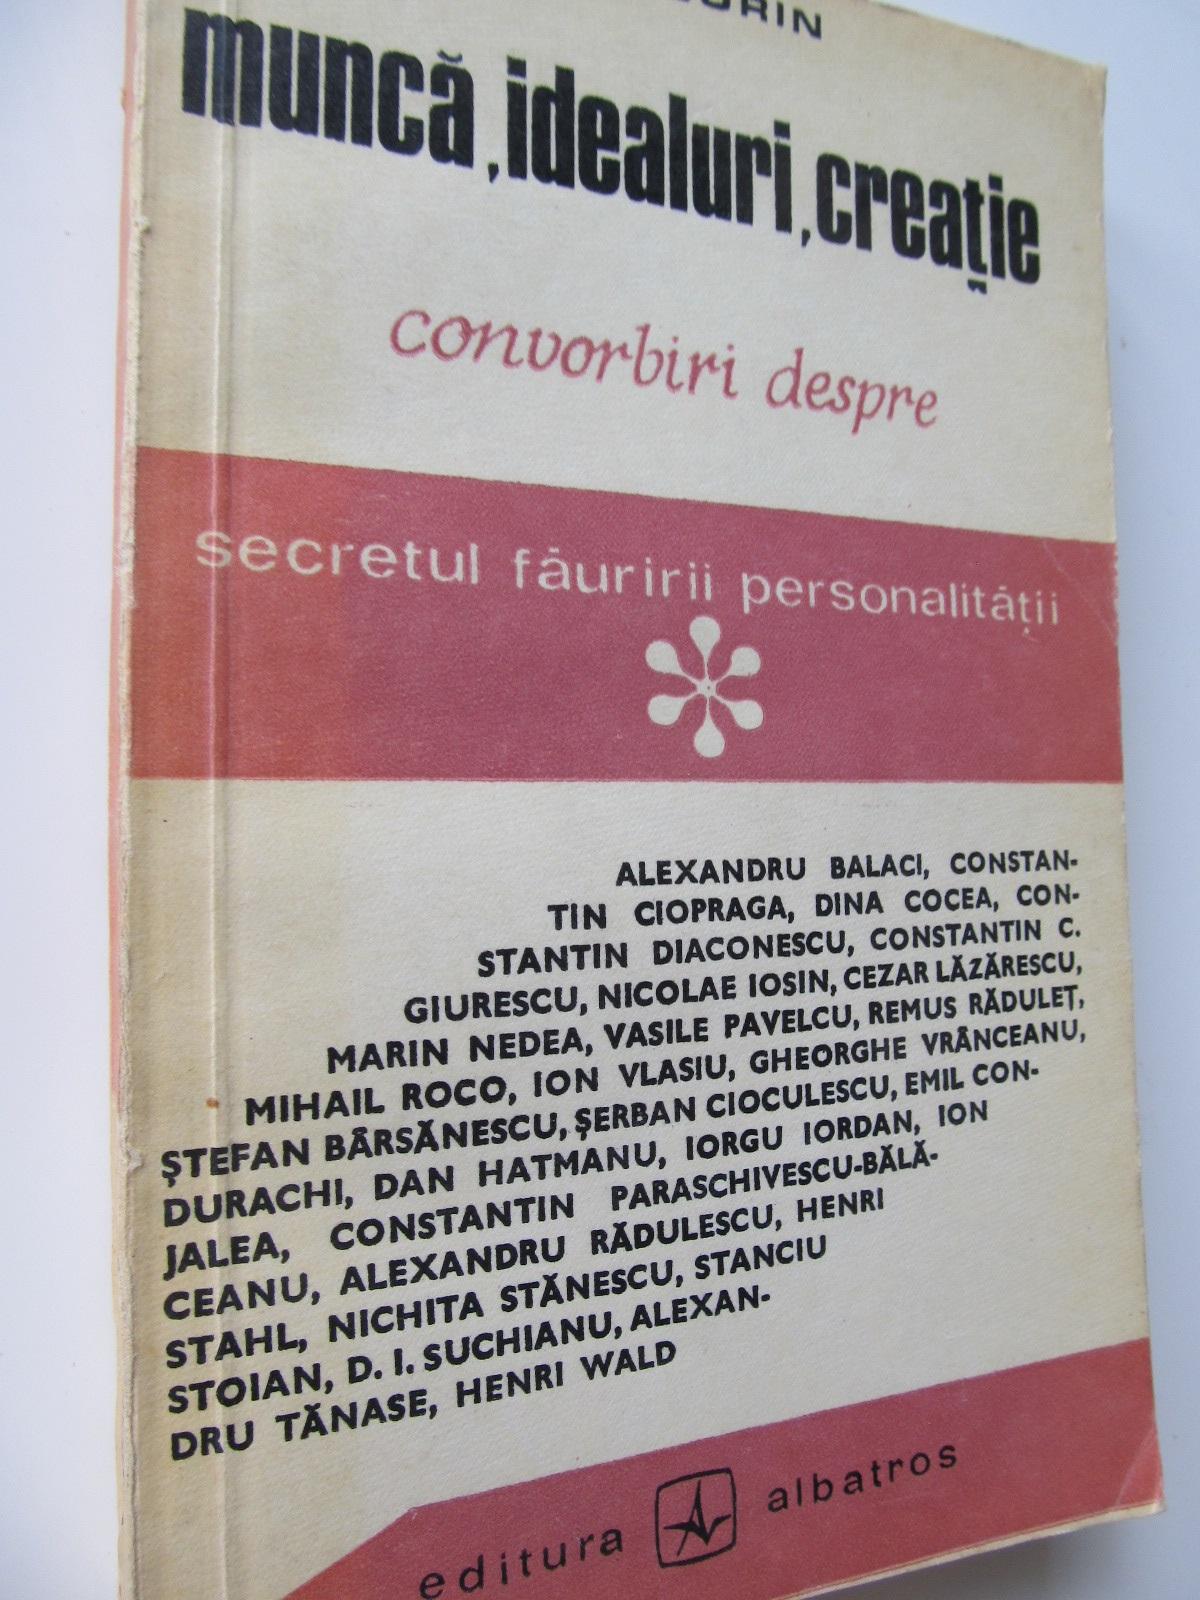 Munca ,  idealuri , creatie - Convorbiri despre secretul fauririi personalitatii - Virgil Sorin | Detalii carte